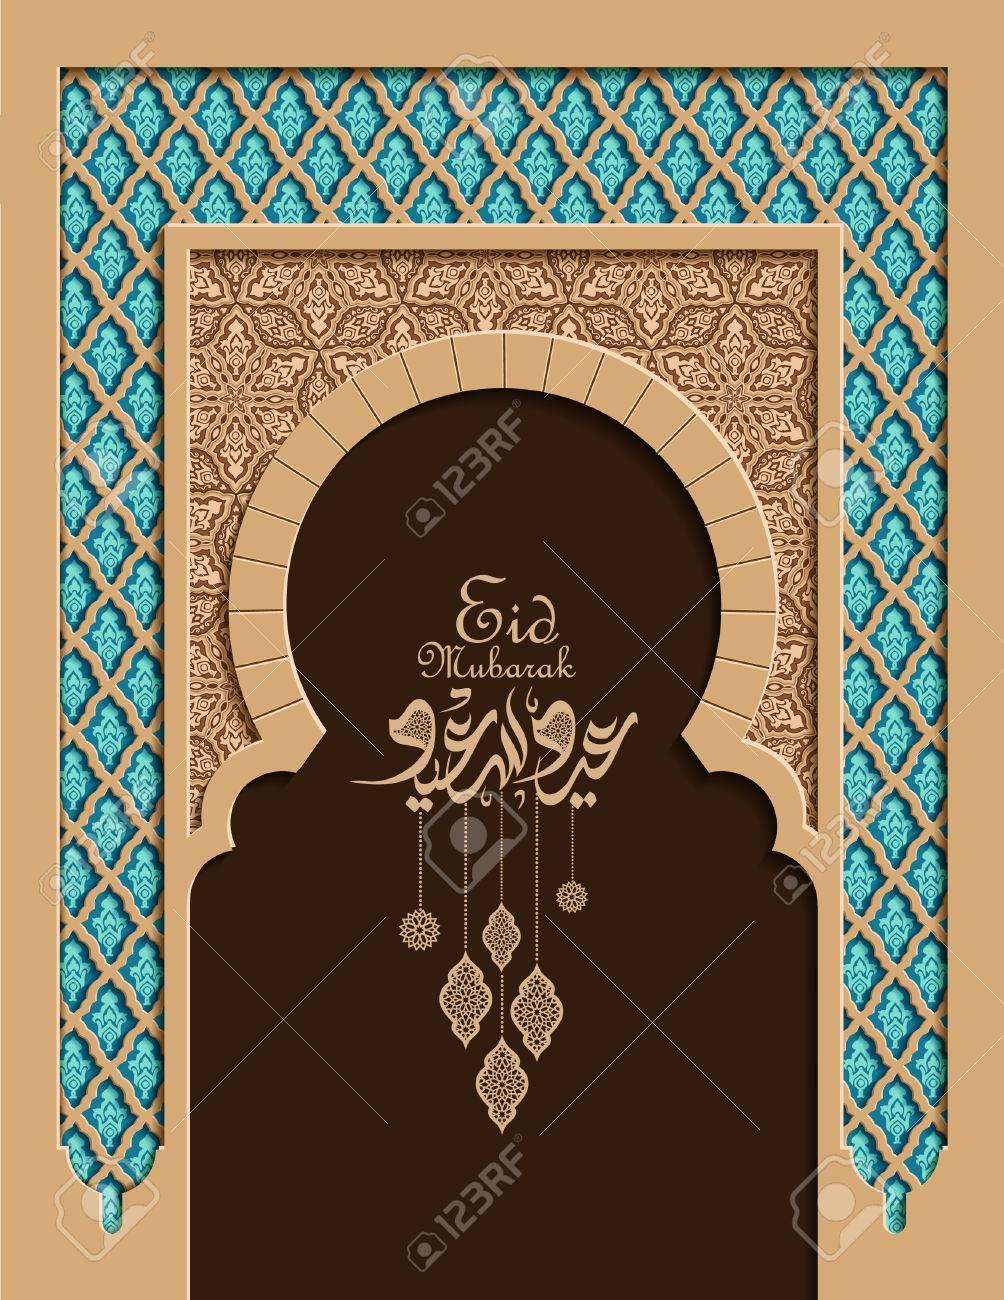 Best Hijri Eid Al-Fitr Greeting - 65676333--eid-mubarak-greeting-card-islamic-background-for-muslims-holidays-such-as-eid-al-fitr-eid-al-adha-a  Trends_642965 .jpg